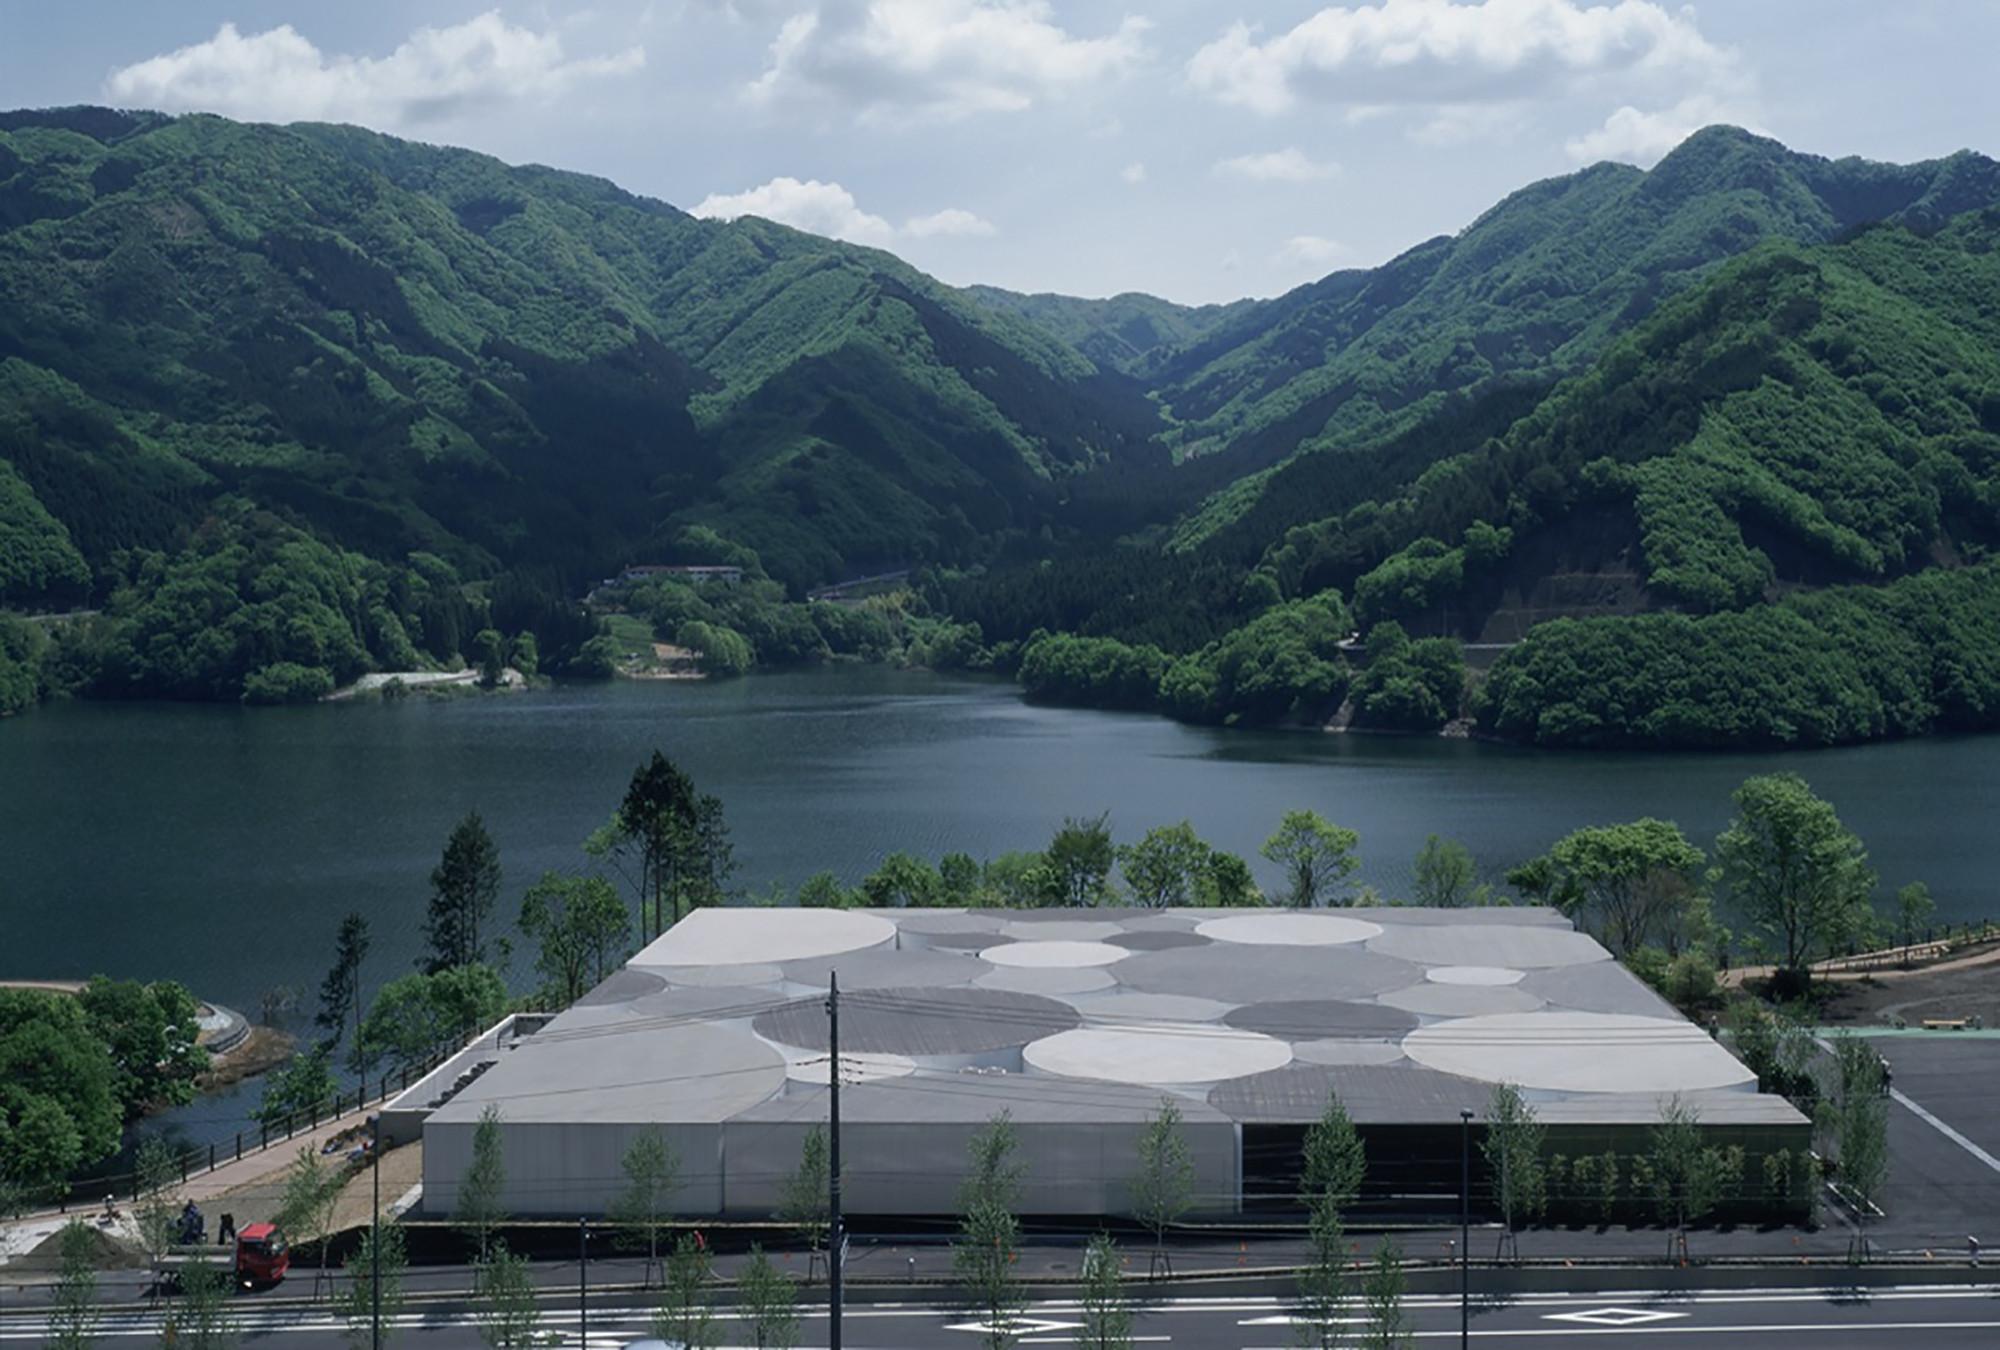 Tomihiro Art Museum / aat + makoto yokomizo, © Shigeru Ohno